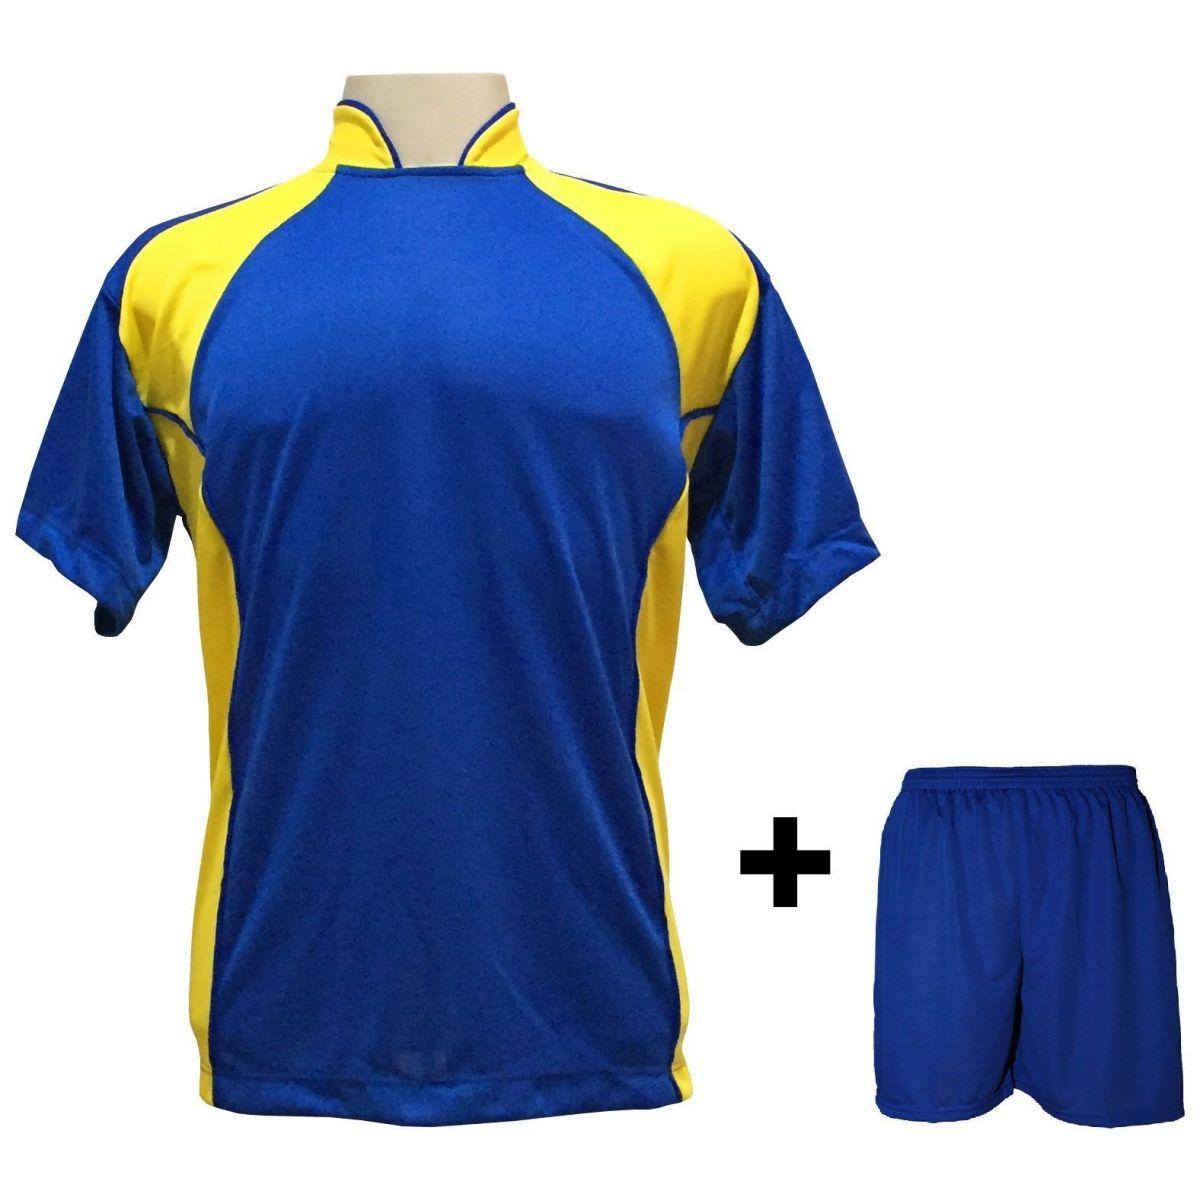 Uniforme Esportivo com 14 Camisas modelo Suécia Royal/Amarelo + 14 Calções modelo Madrid Royal